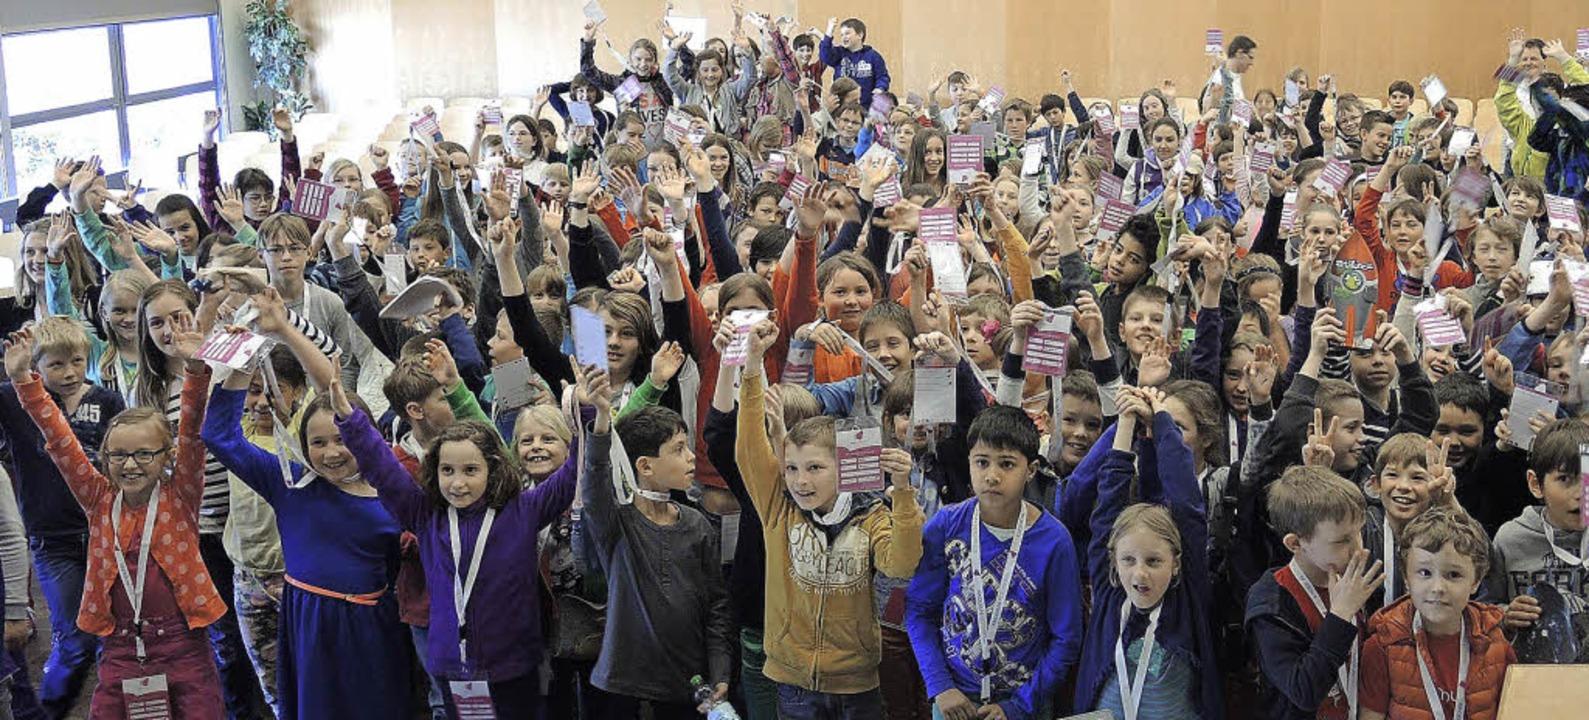 Hunderte Kinder diskutierten an der Ki...ni darüber, was eigentlich schön ist.   | Foto: Florian Binder